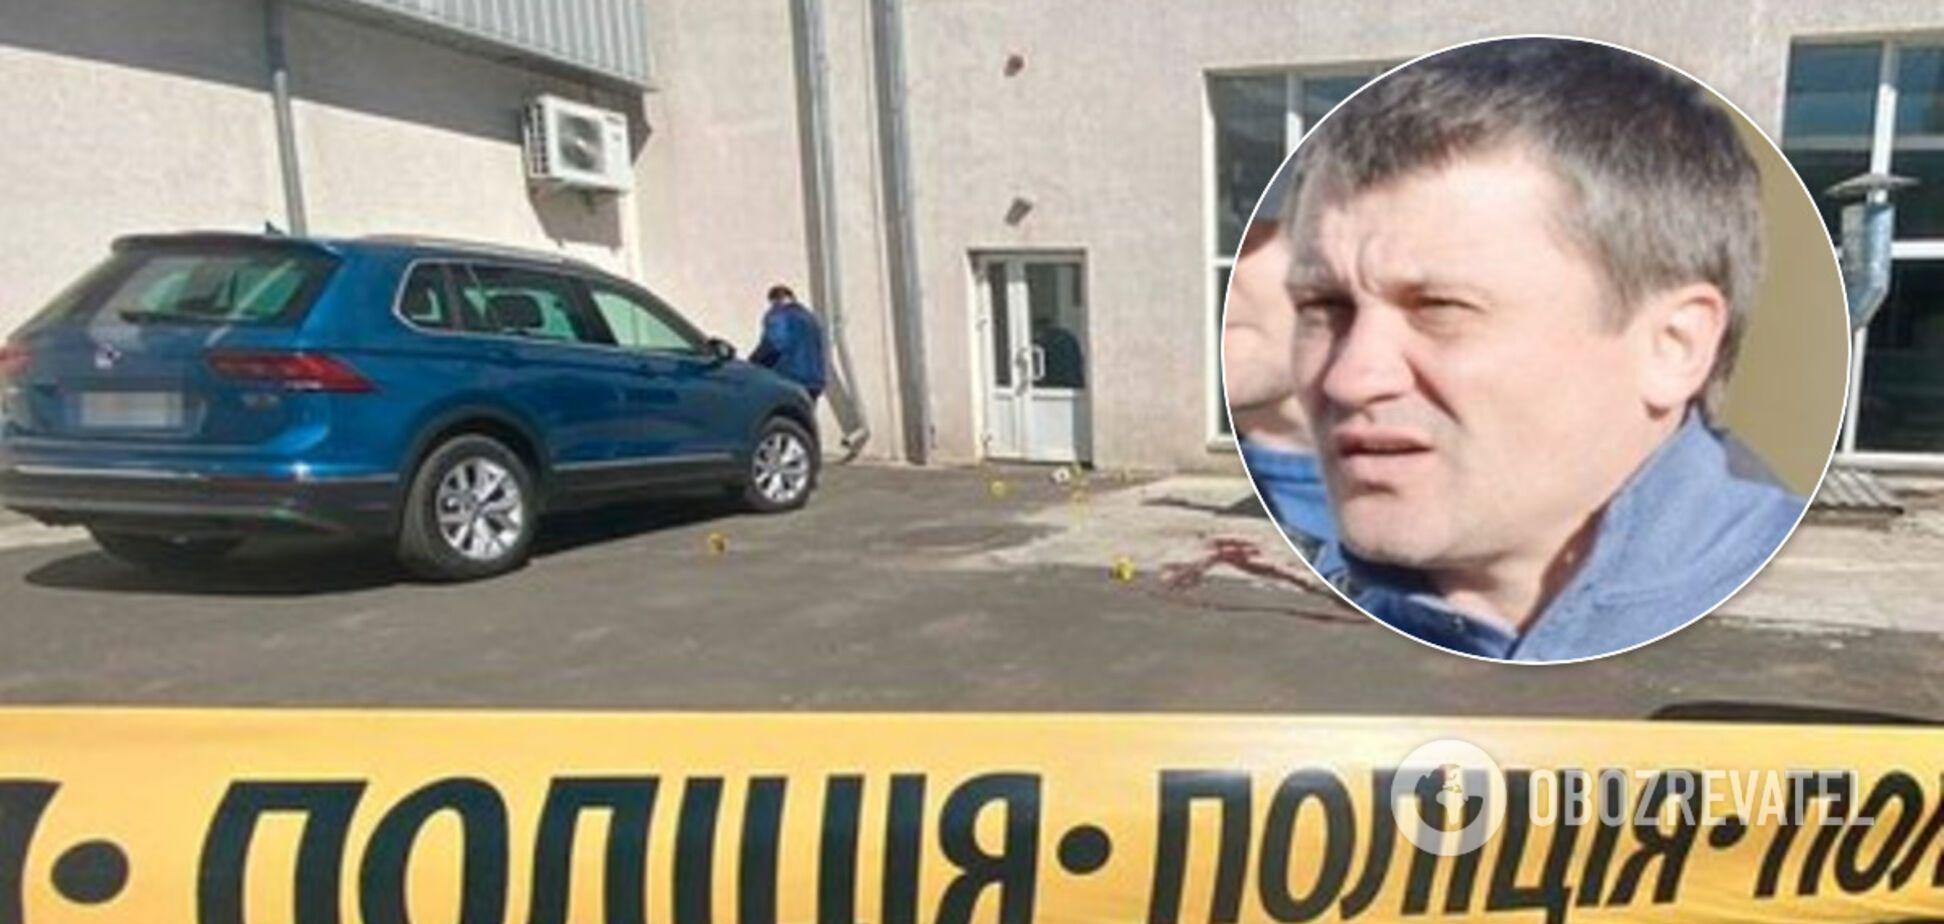 Сидів в укритті з покривалом: з'явилися подробиці замаху на 'Мультика' в Миколаєві